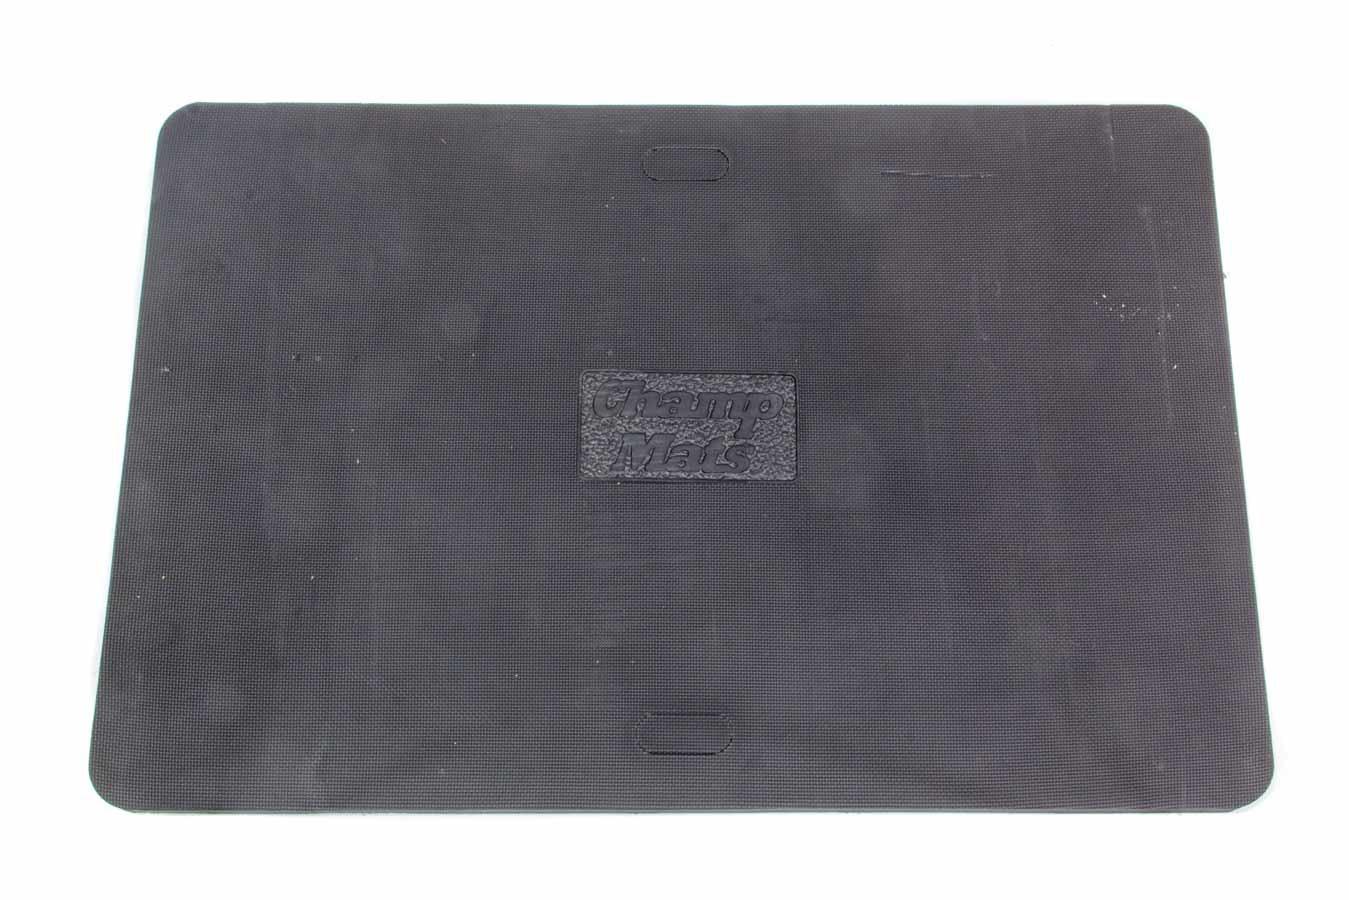 Champ Pans Champ Floor Mat - 48.5 x 32 Pit Area